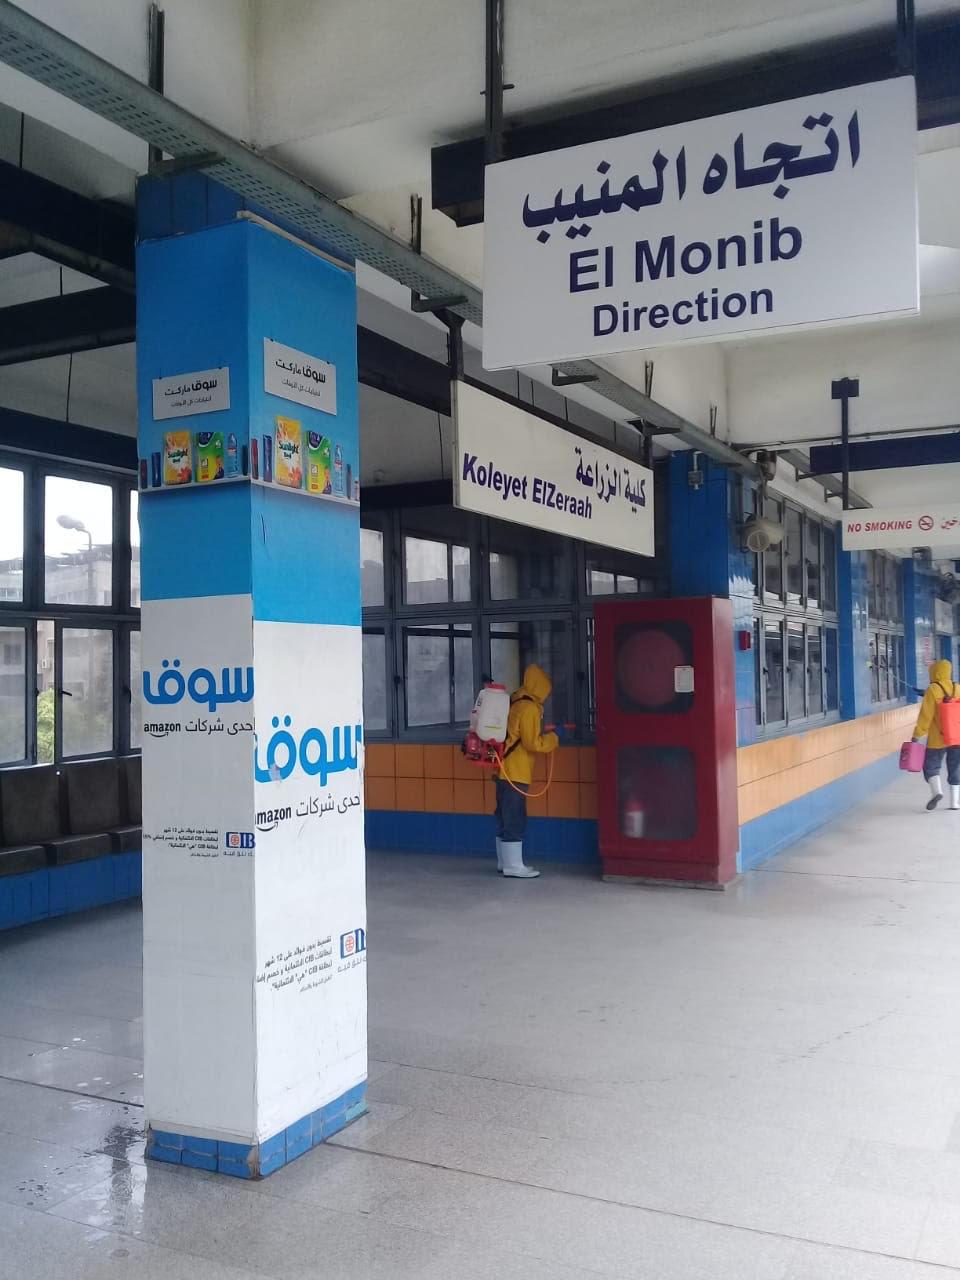 المترو يواصل أعمال تعقيم وتطهير القطارات والمحطات ضد كورونا (4)